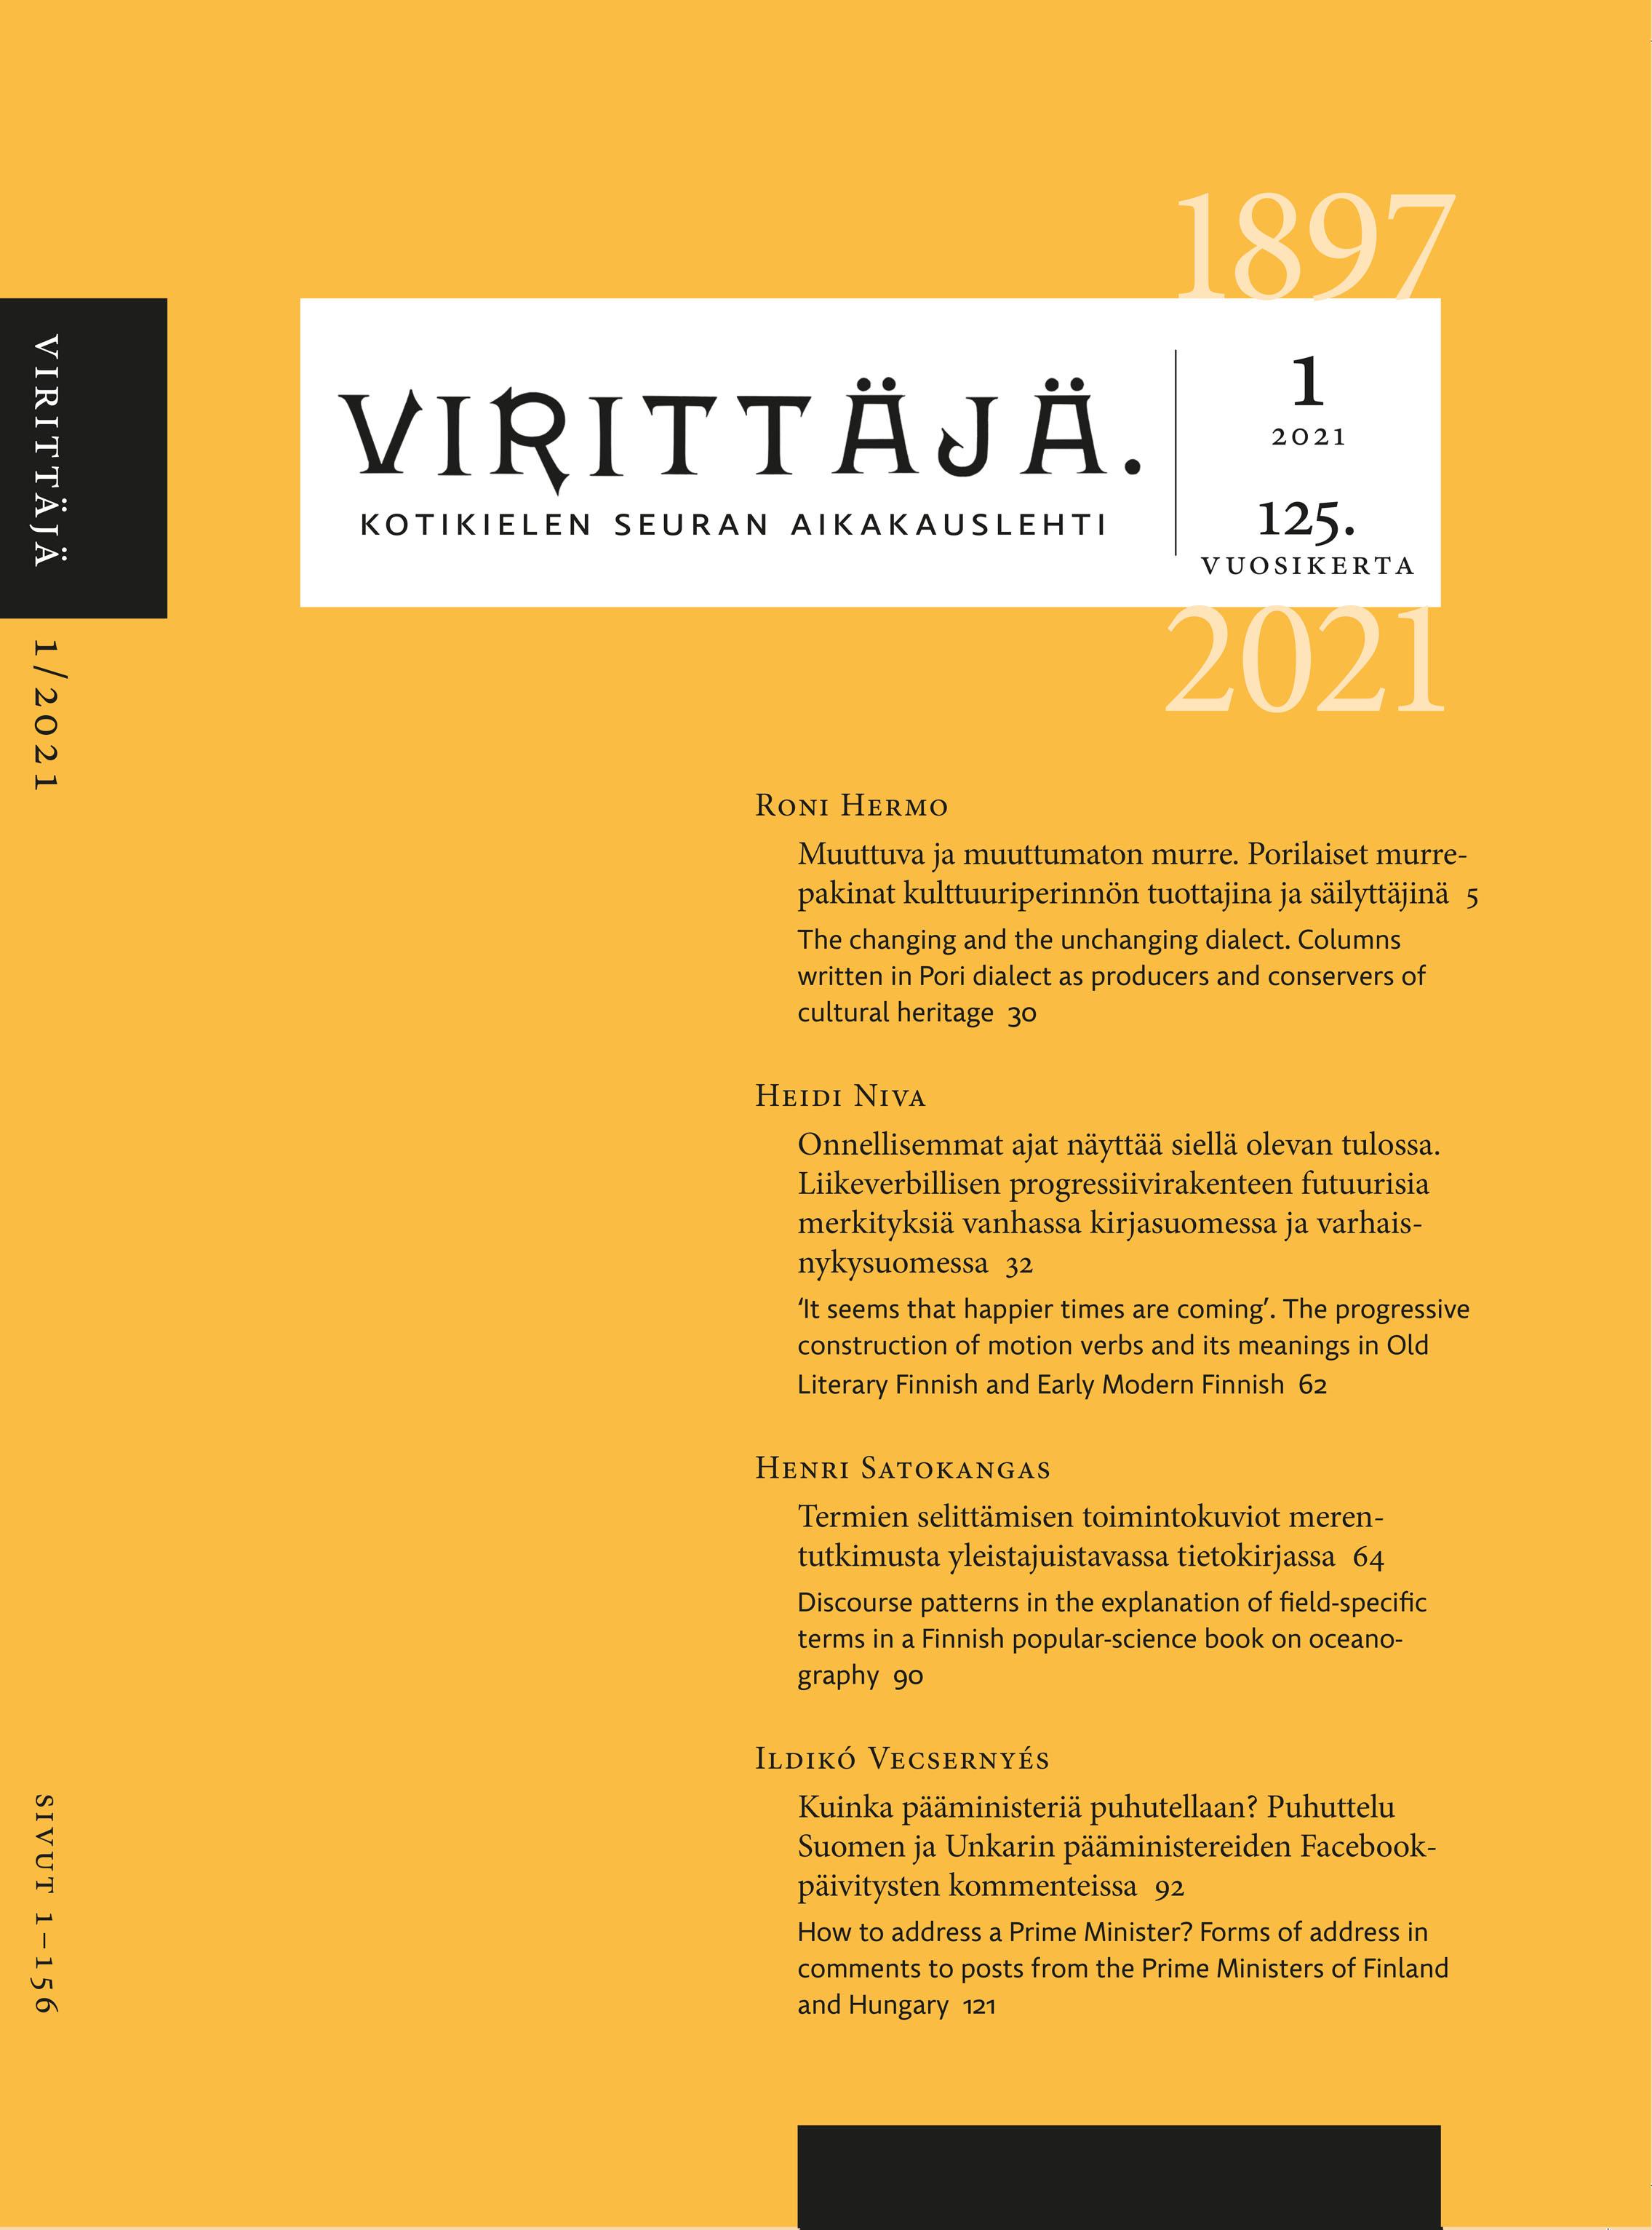 Vol 125 Nro 1 (2021)